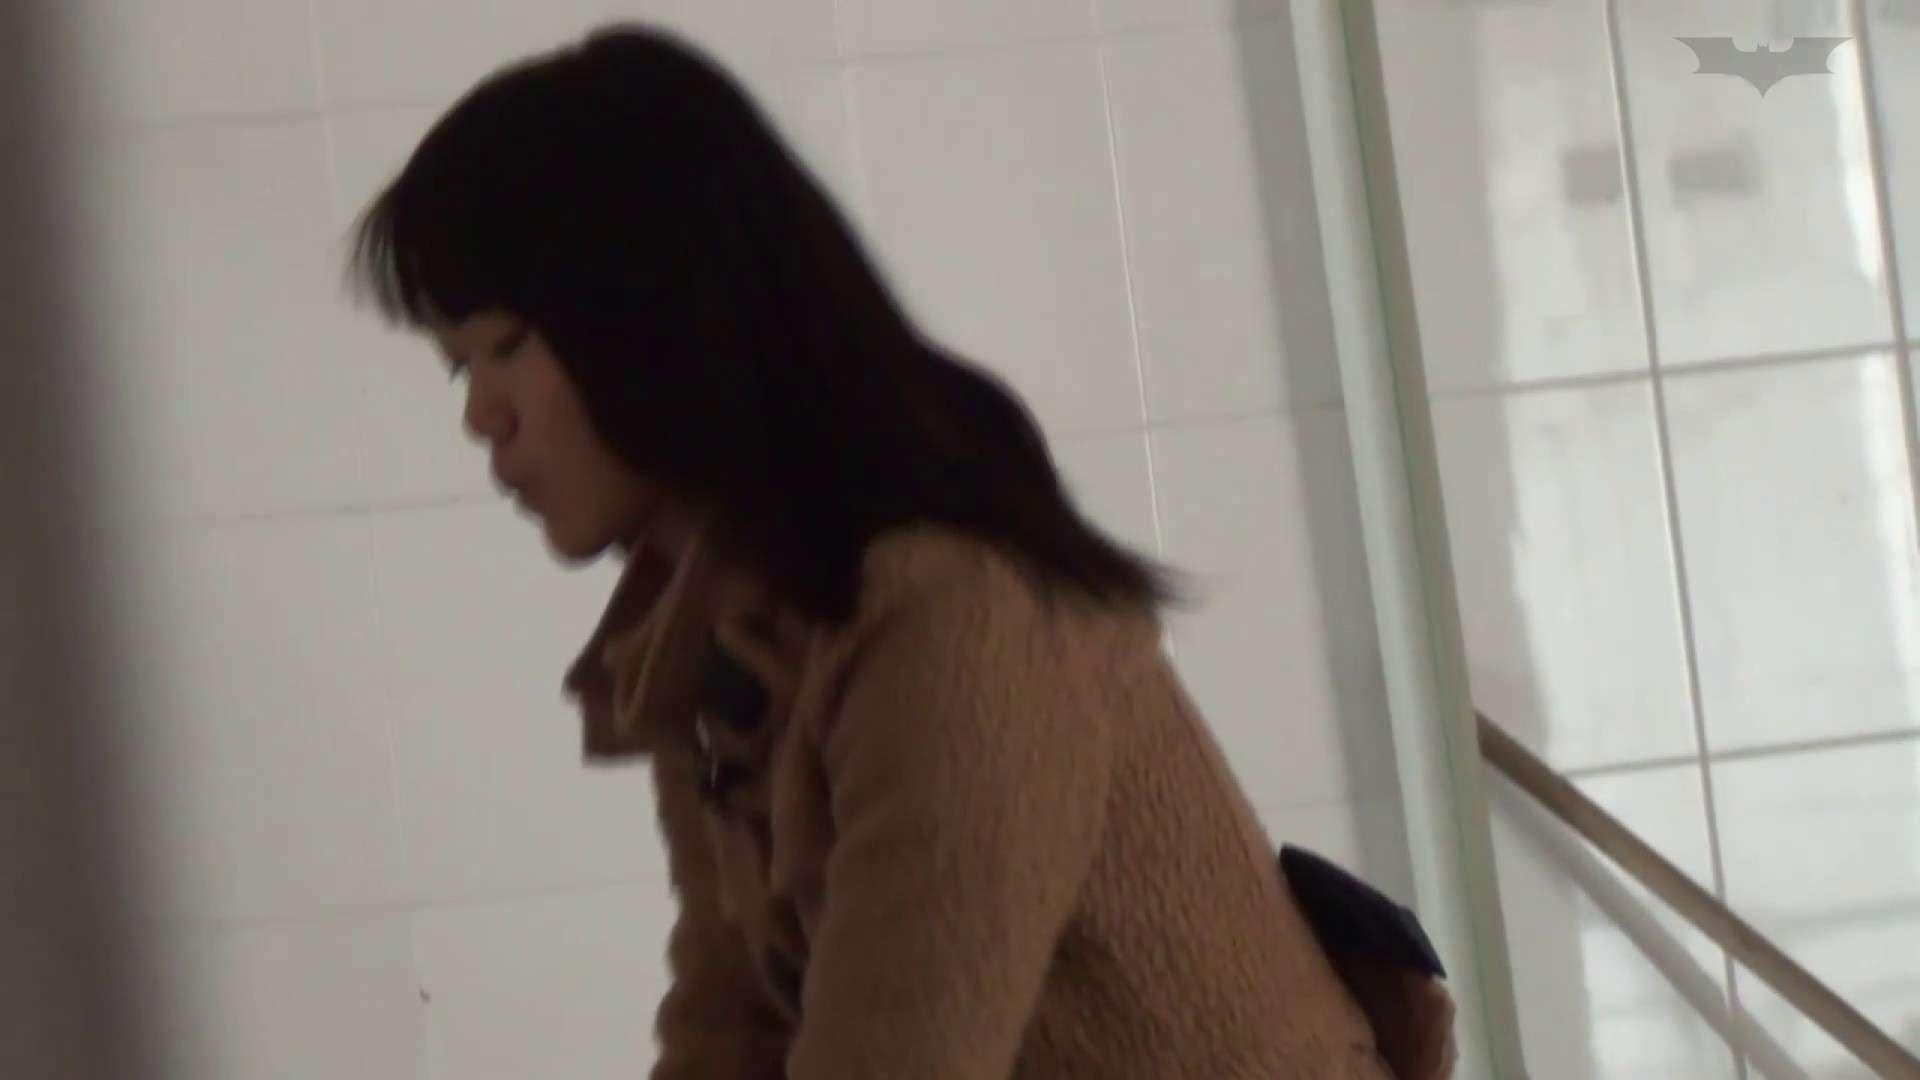 JD盗撮 美女の洗面所の秘密 Vol.53 盗撮エロすぎ | トイレ中  37連発 2